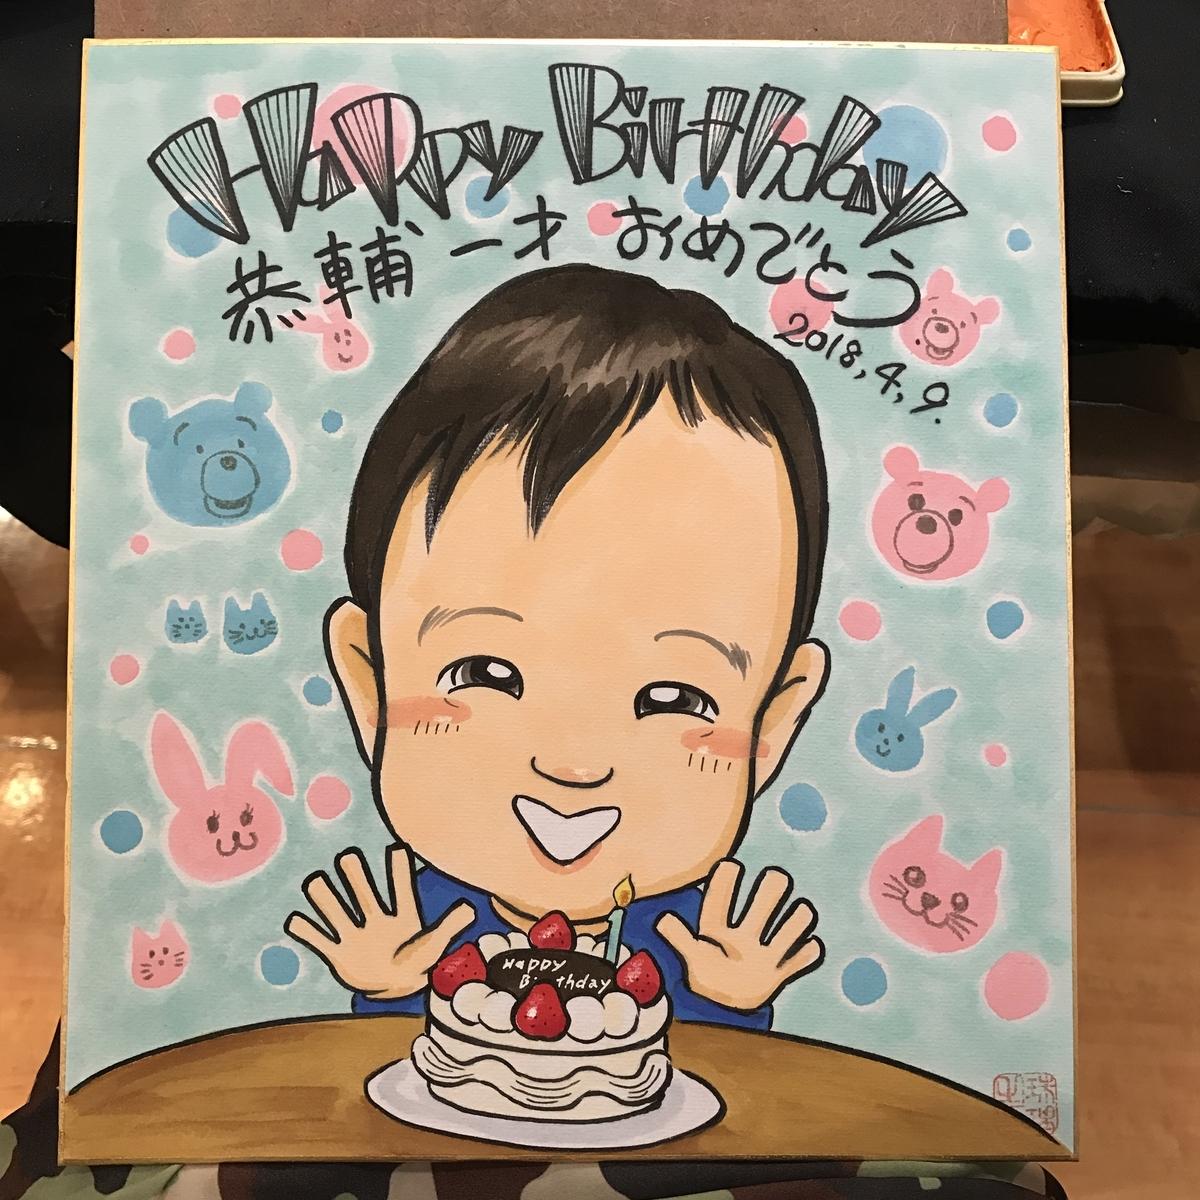 誕生日祝いの似顔絵ギフト